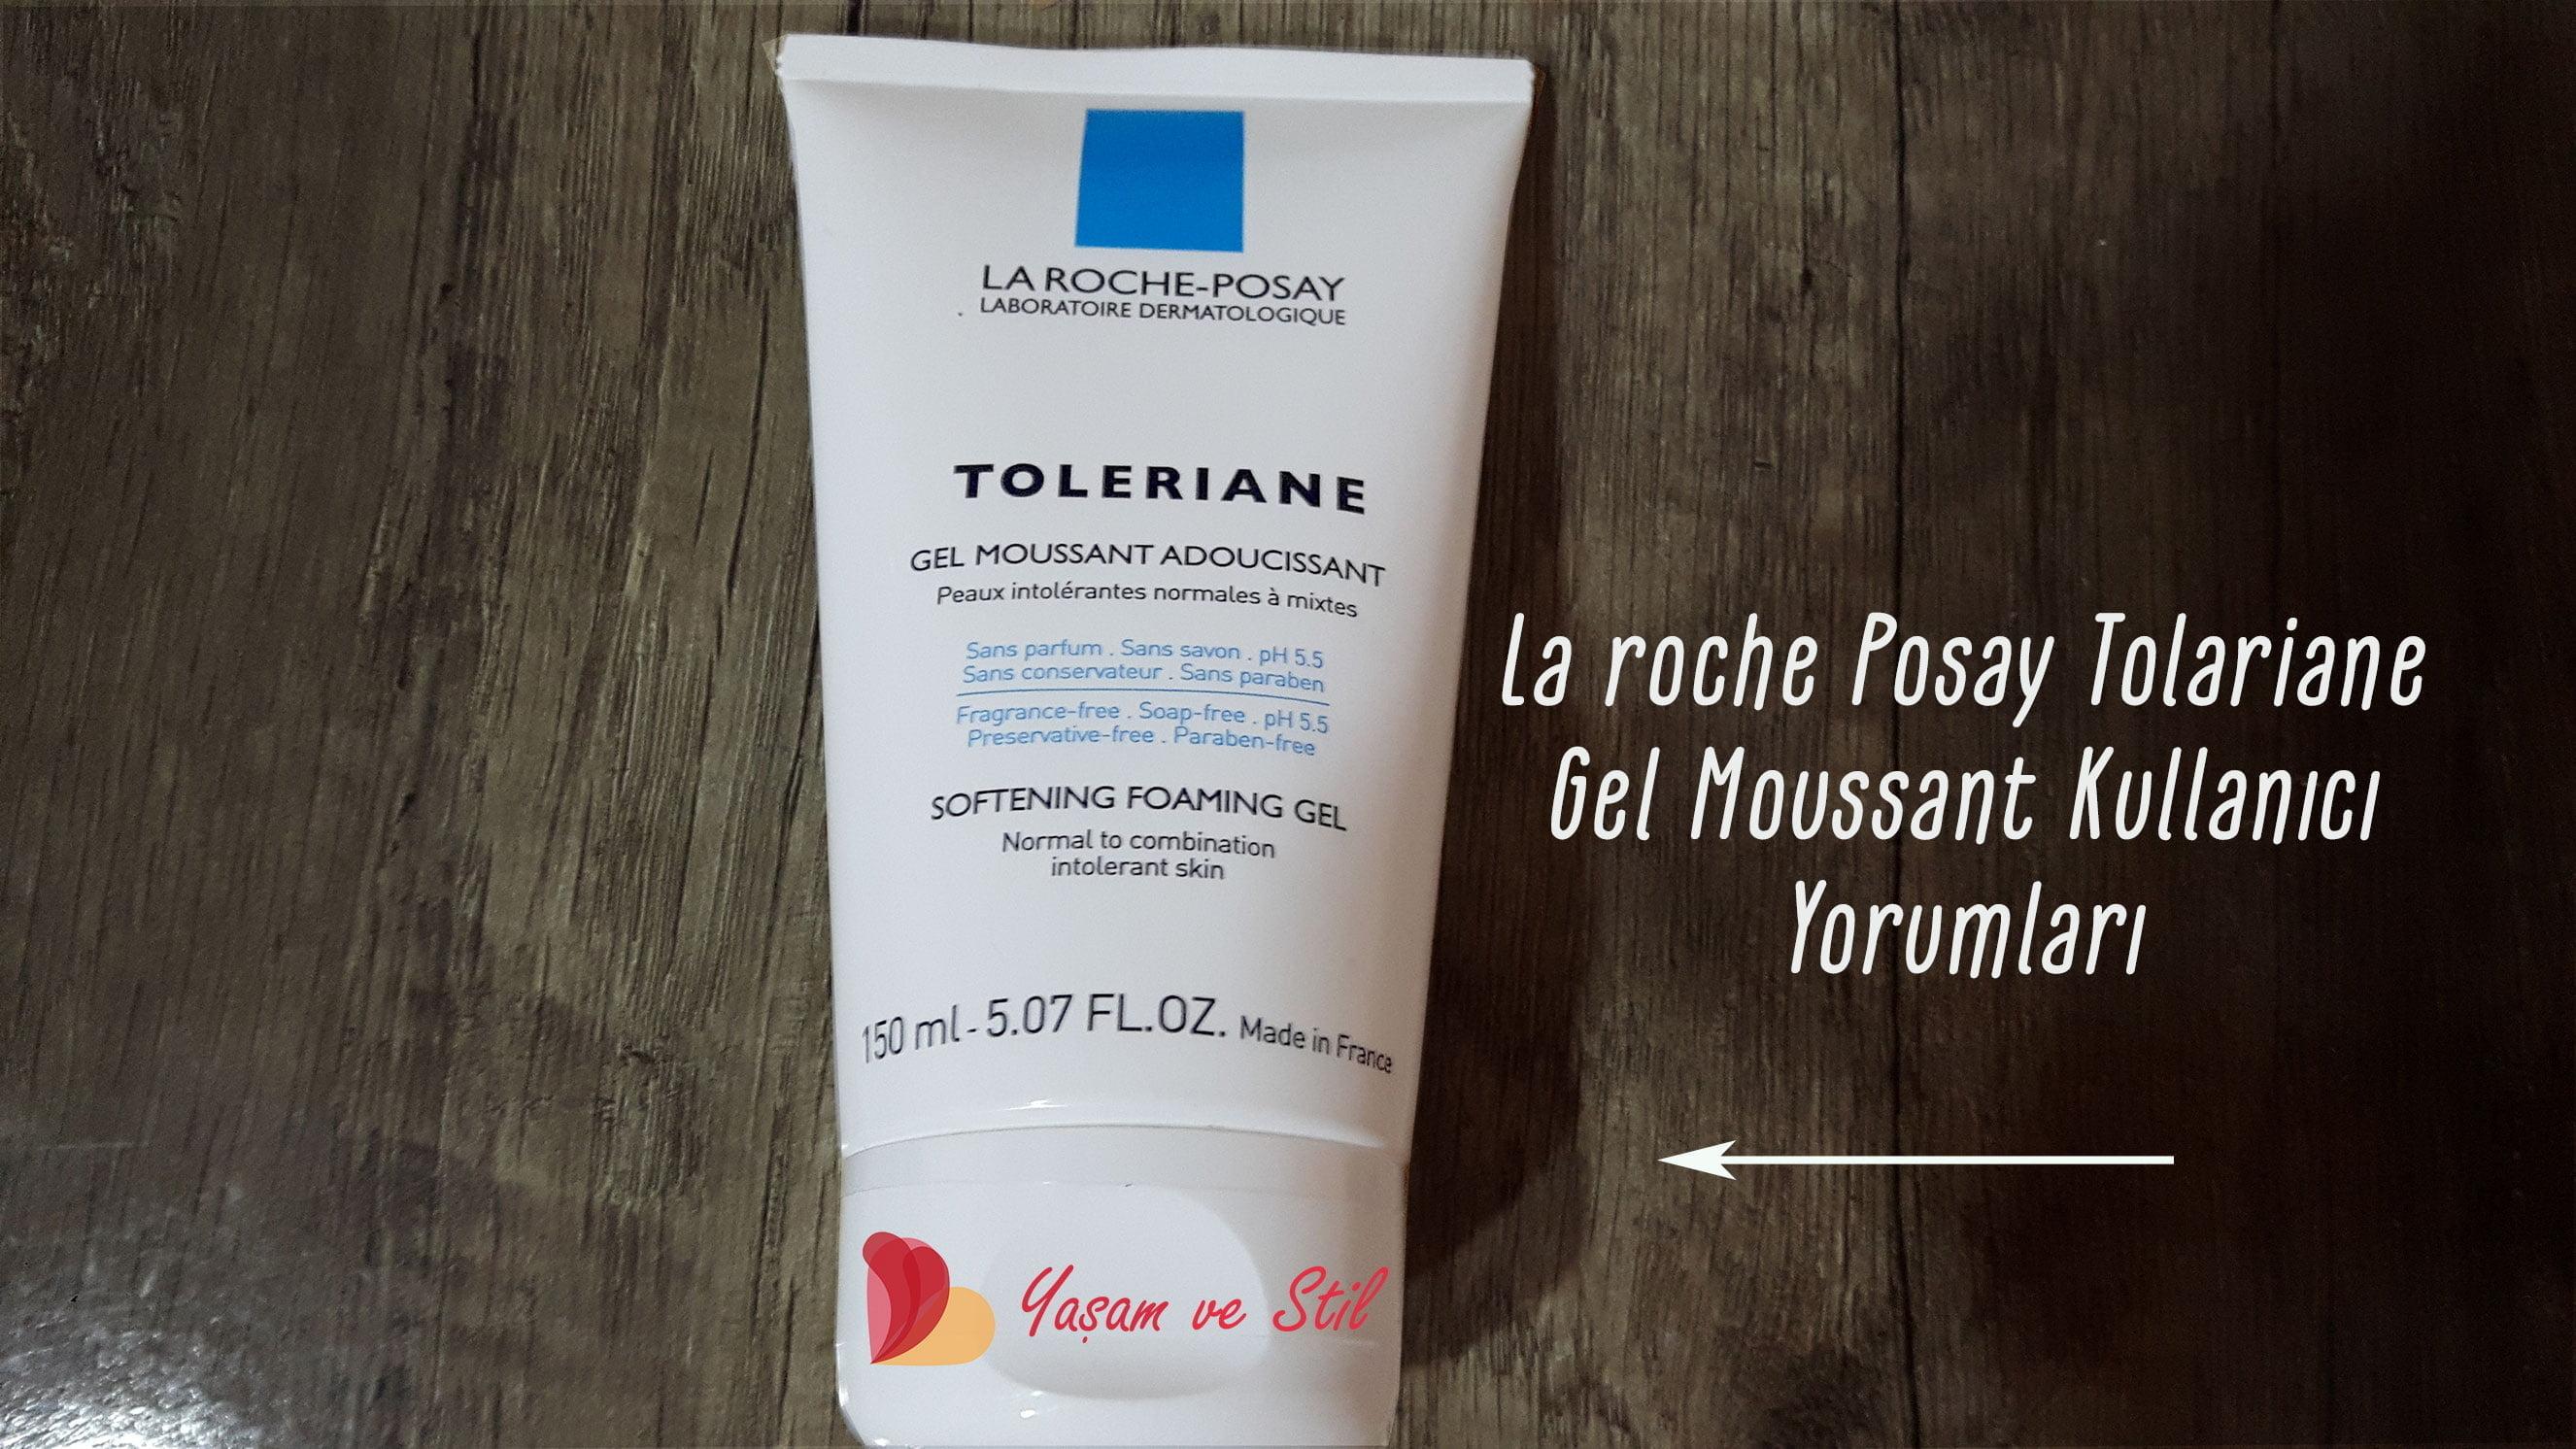 La Roche Posay Tolariene Gel Moussant Kullanıcı Yorumları